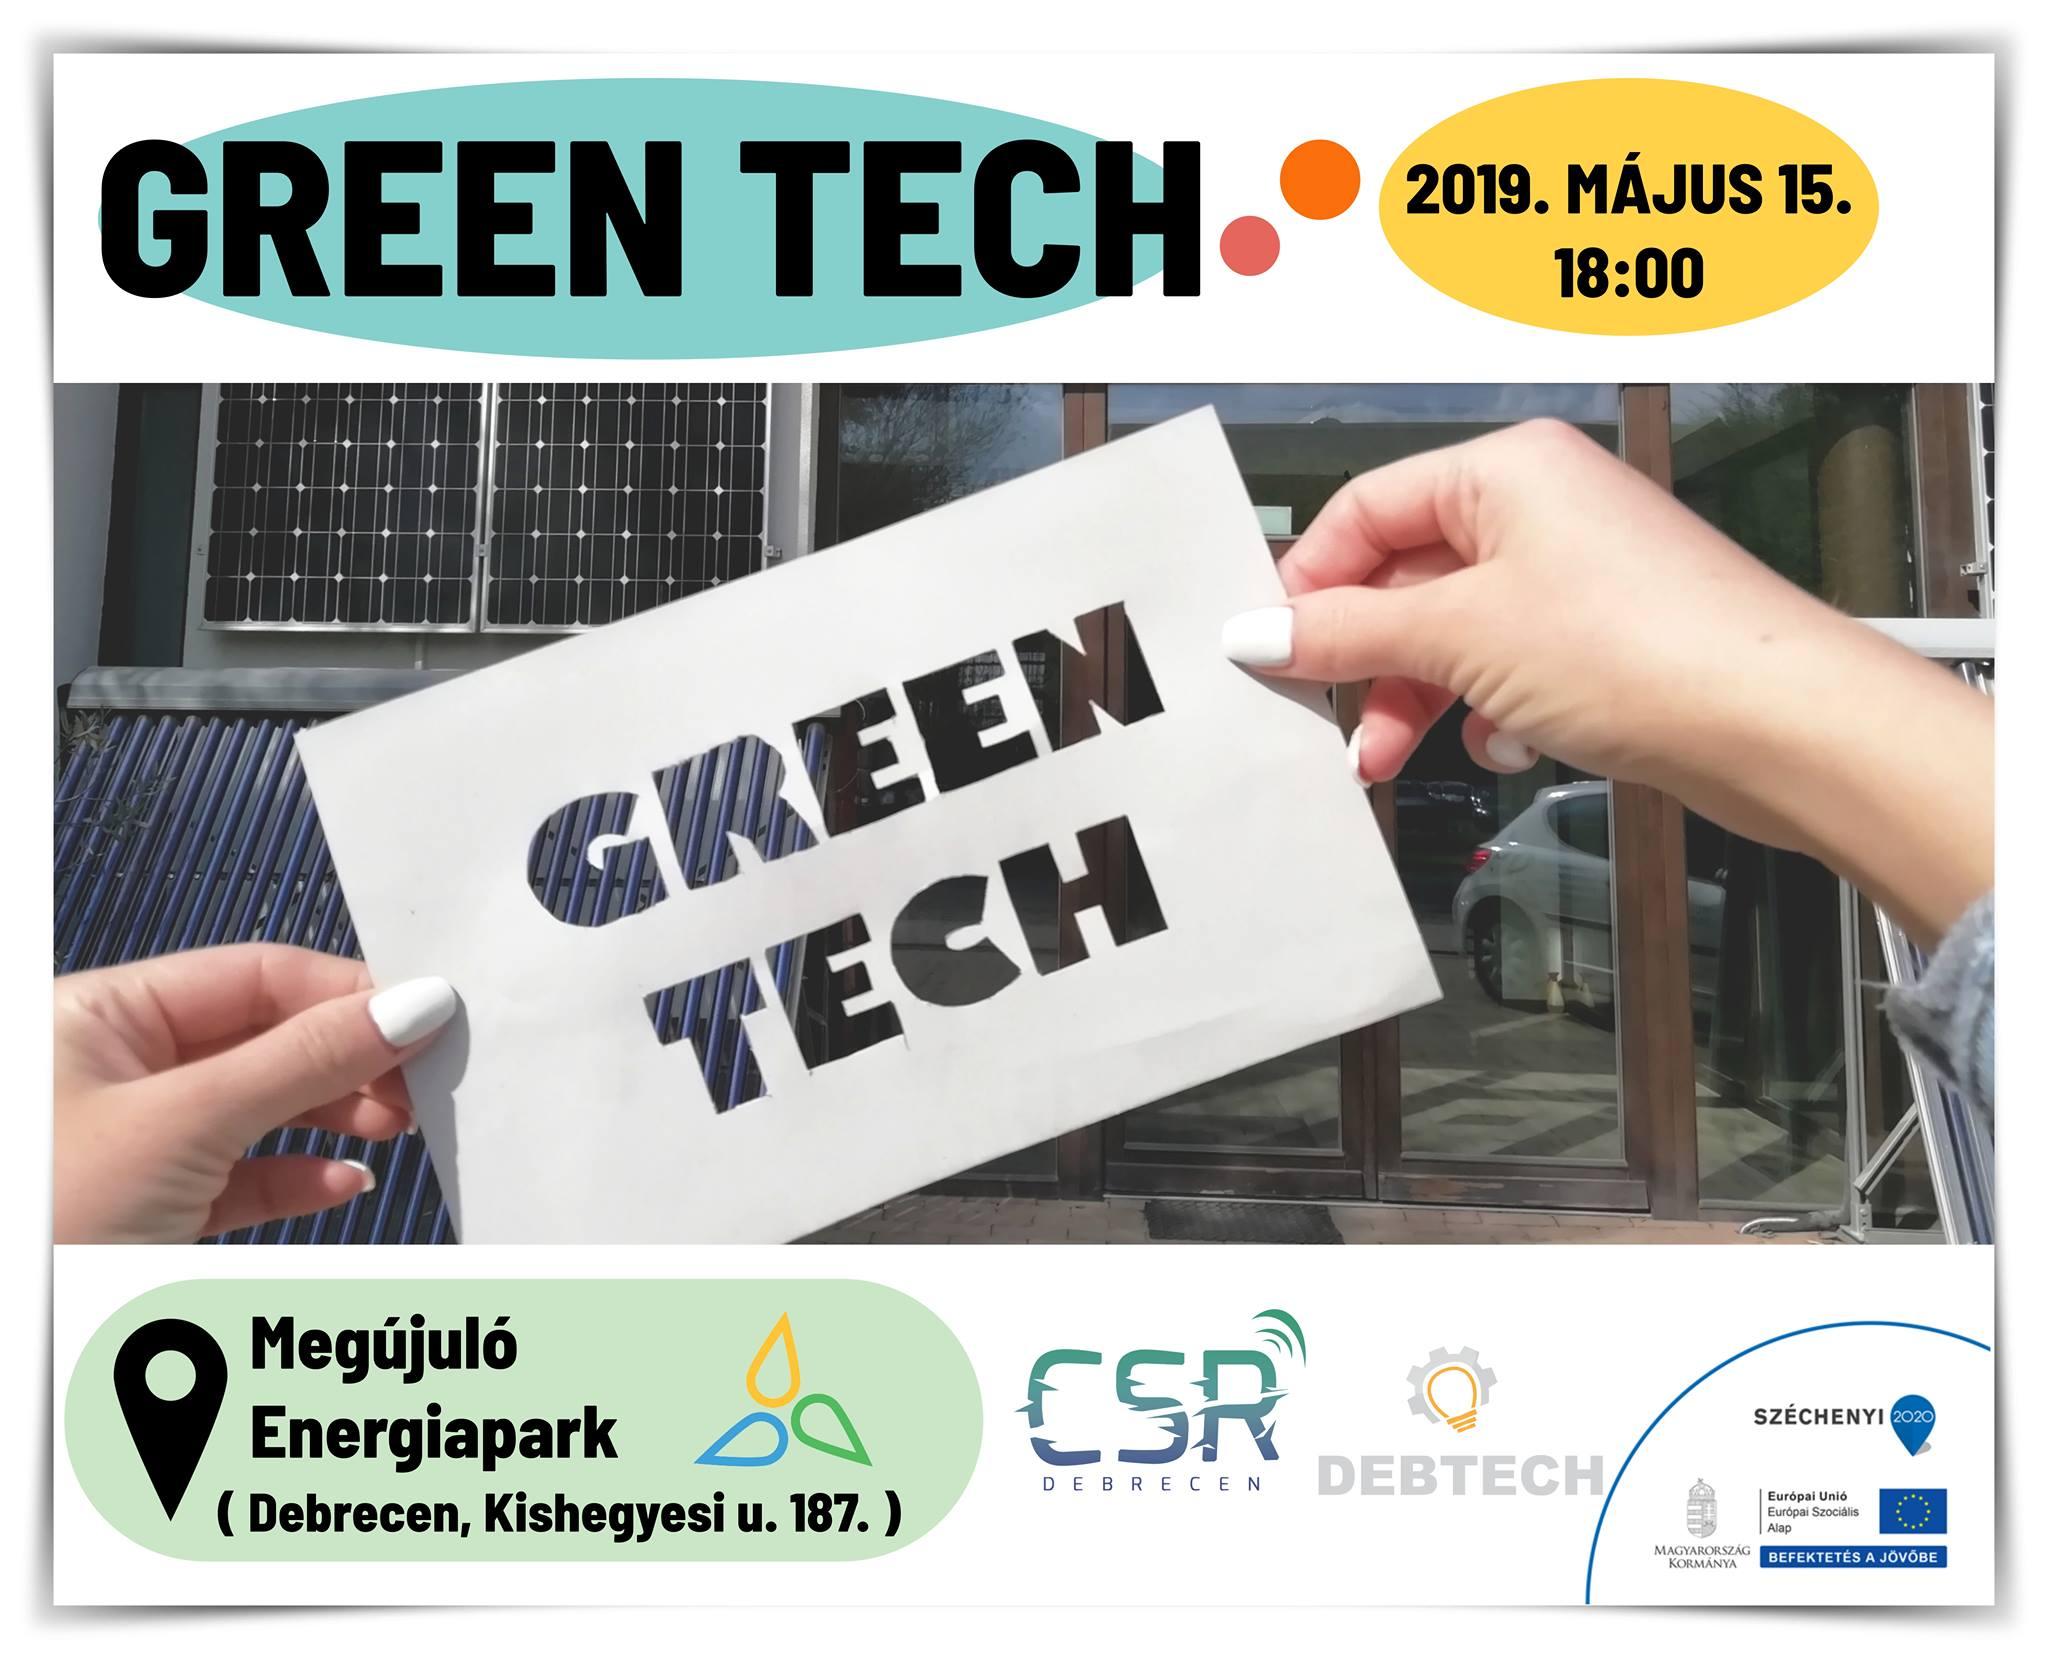 greentechmajus15.jpg